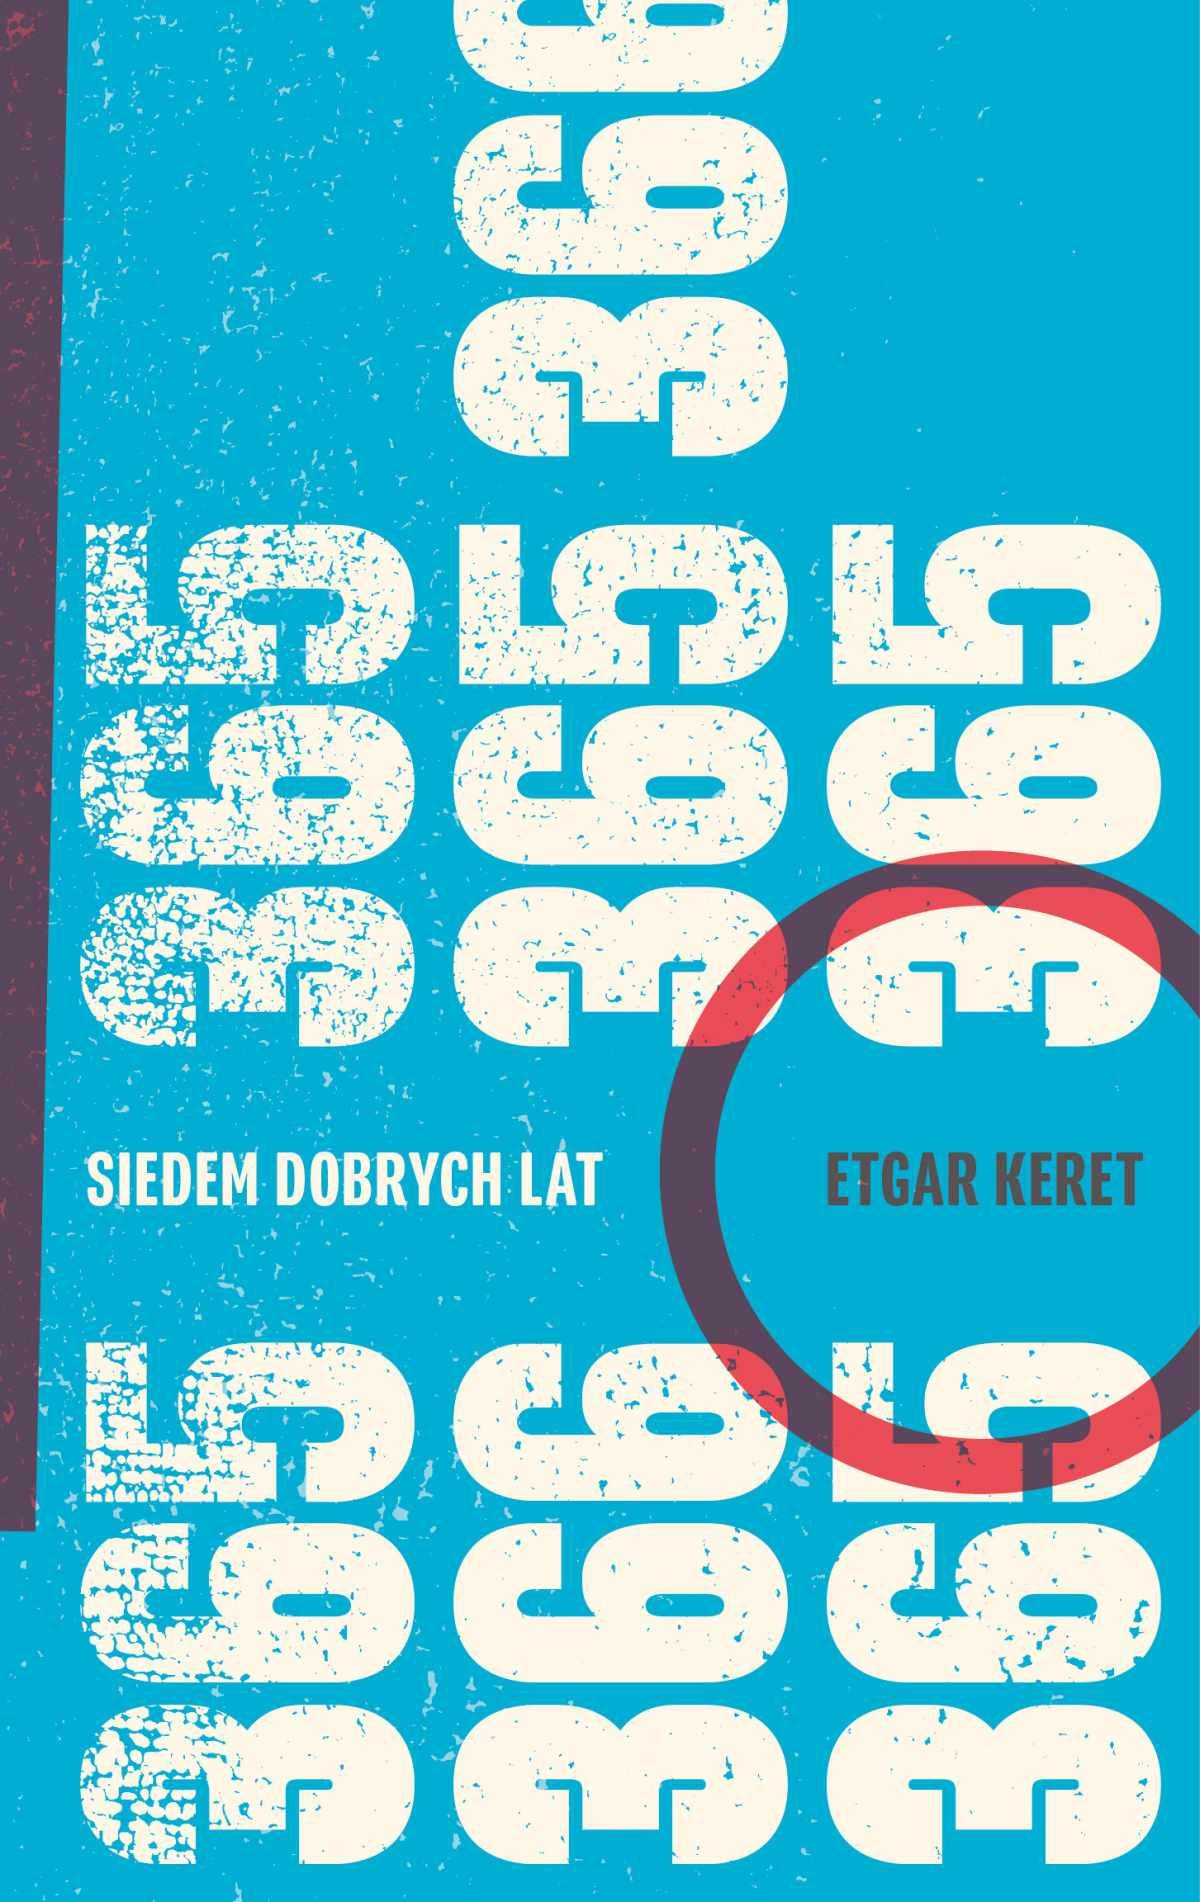 Siedem dobrych lat - Ebook (Książka EPUB) do pobrania w formacie EPUB